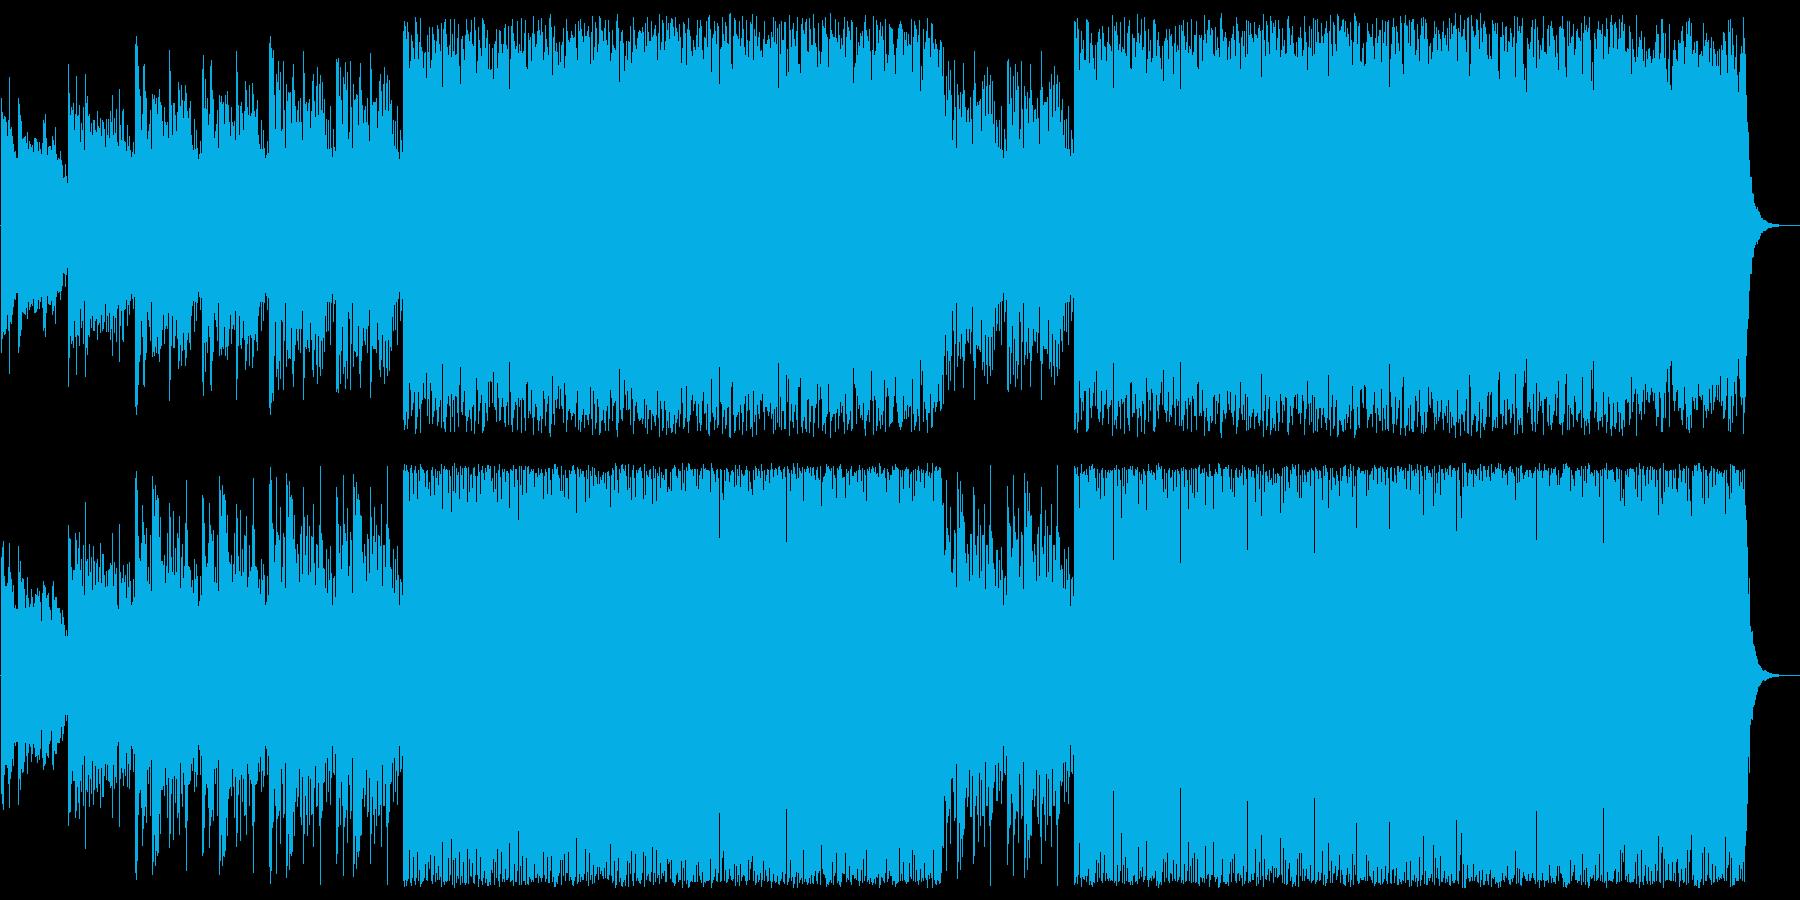 お洒落な4つ打ちのスムーズハウスの曲の再生済みの波形